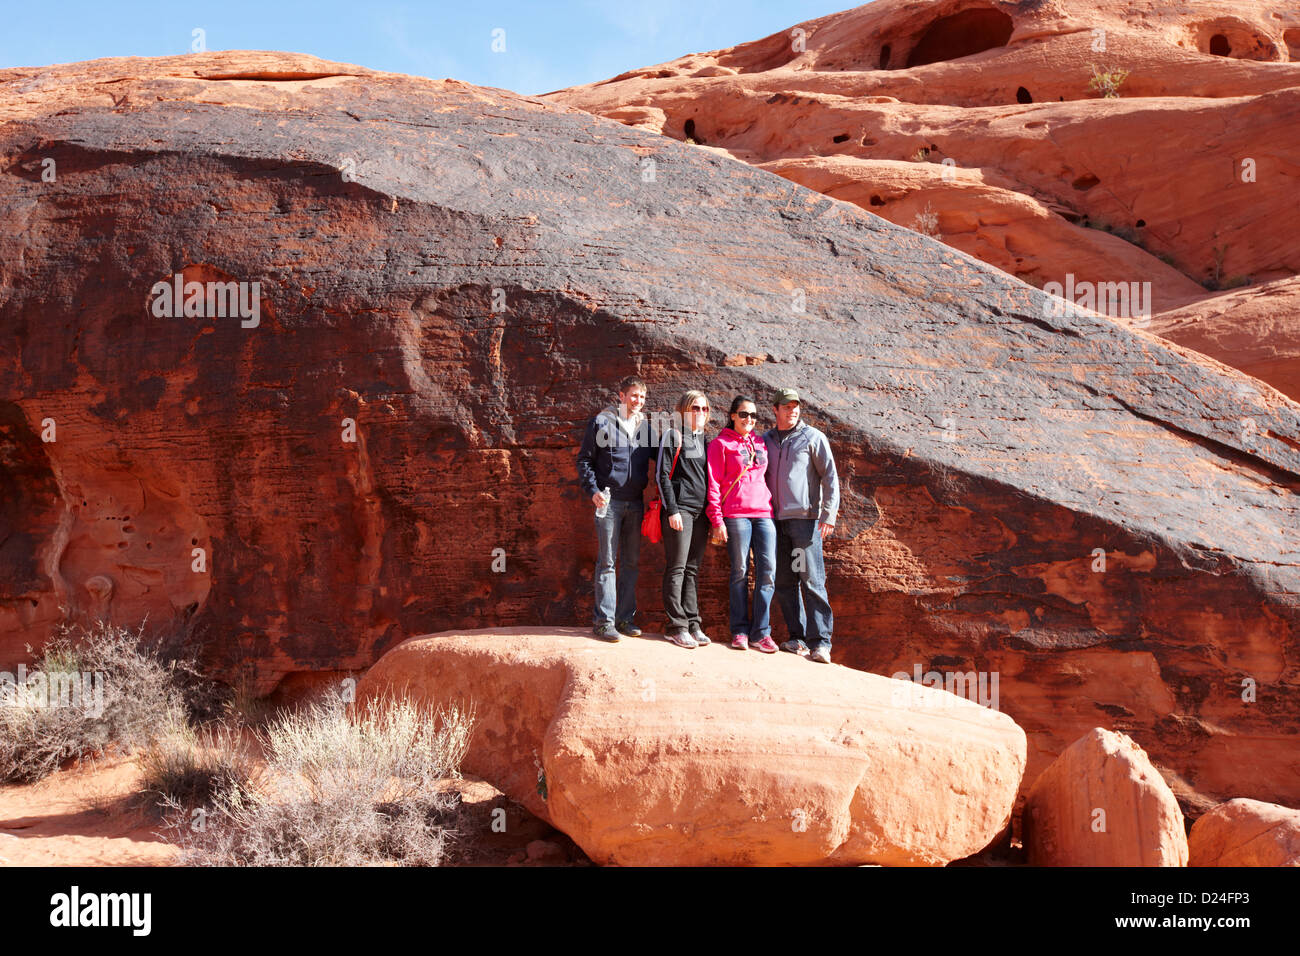 Touristen posieren vor Felsen bedeckt Petroglyphen durch Mäuse Tank Trail Tal des Feuers Staatspark Nevada, usa Stockfoto